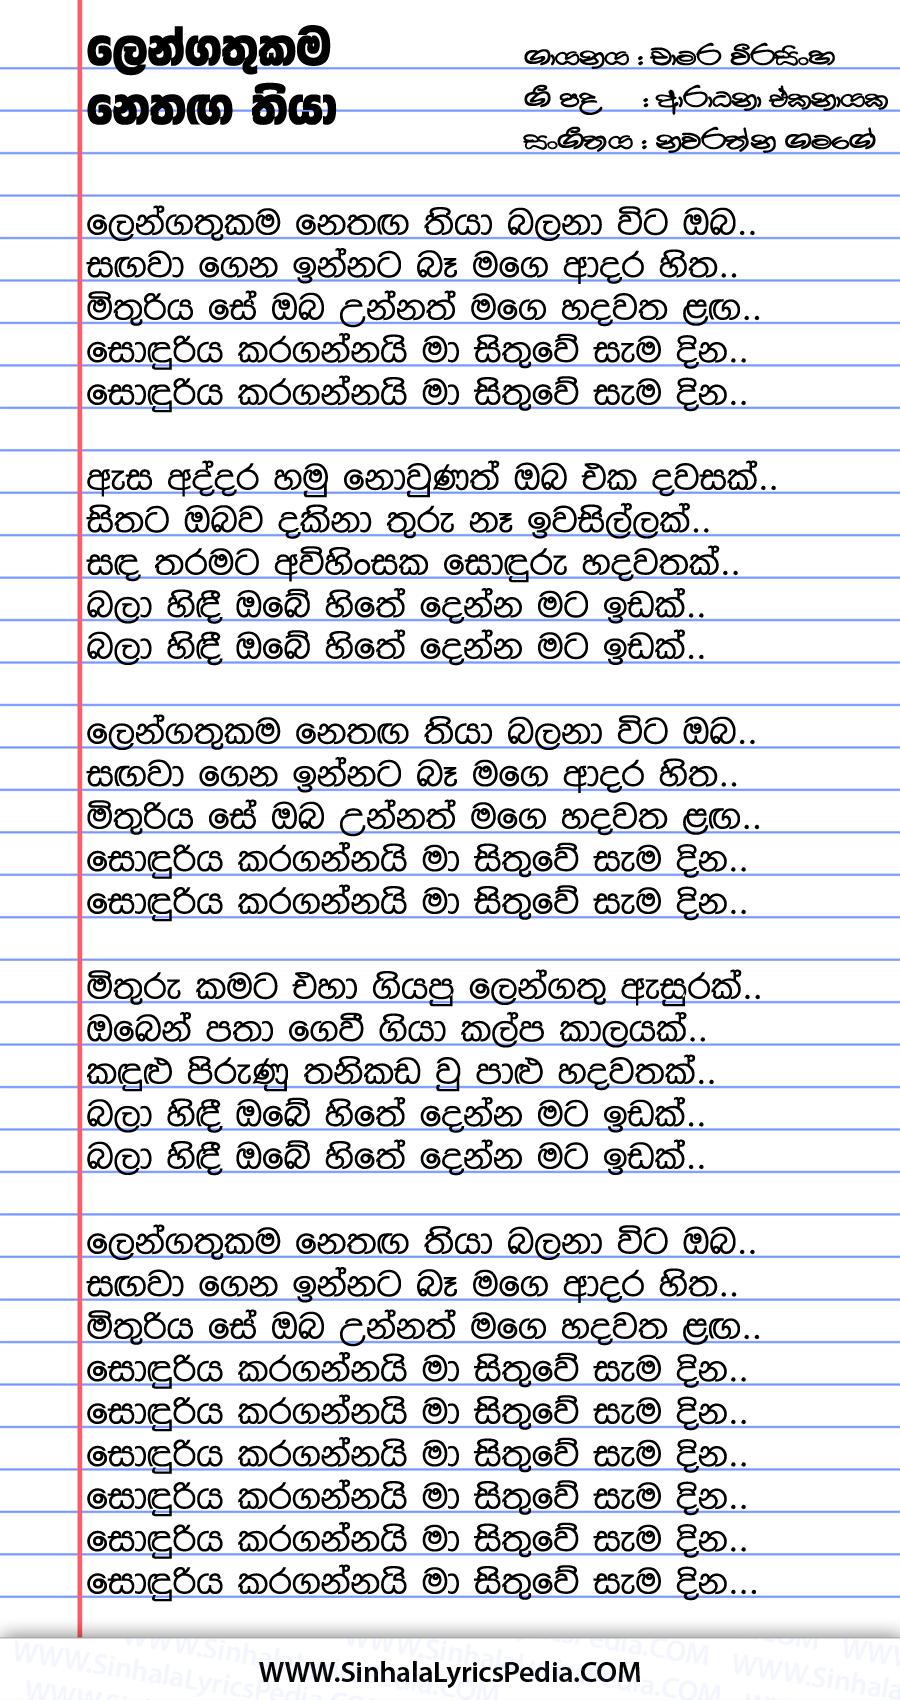 Lengathukama Nethaga Thiya Song Lyrics